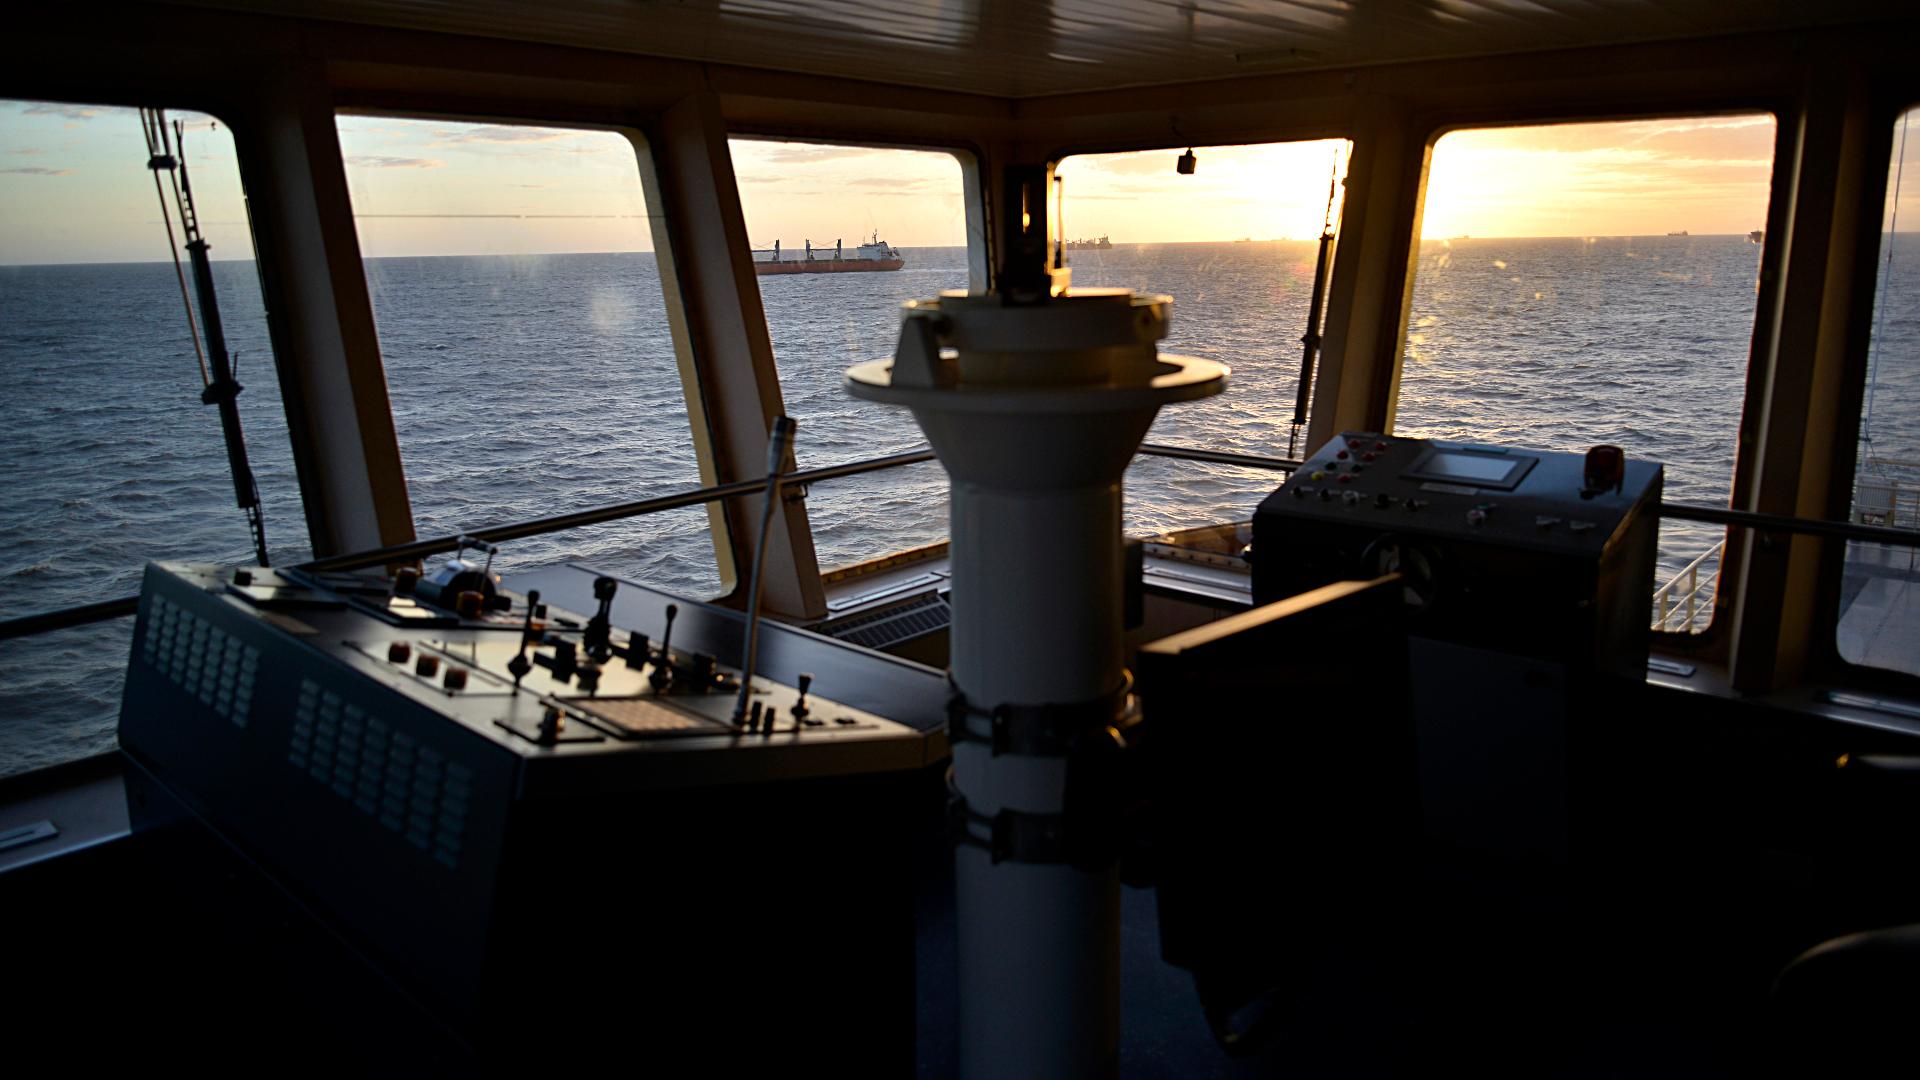 El puente de mando del buque